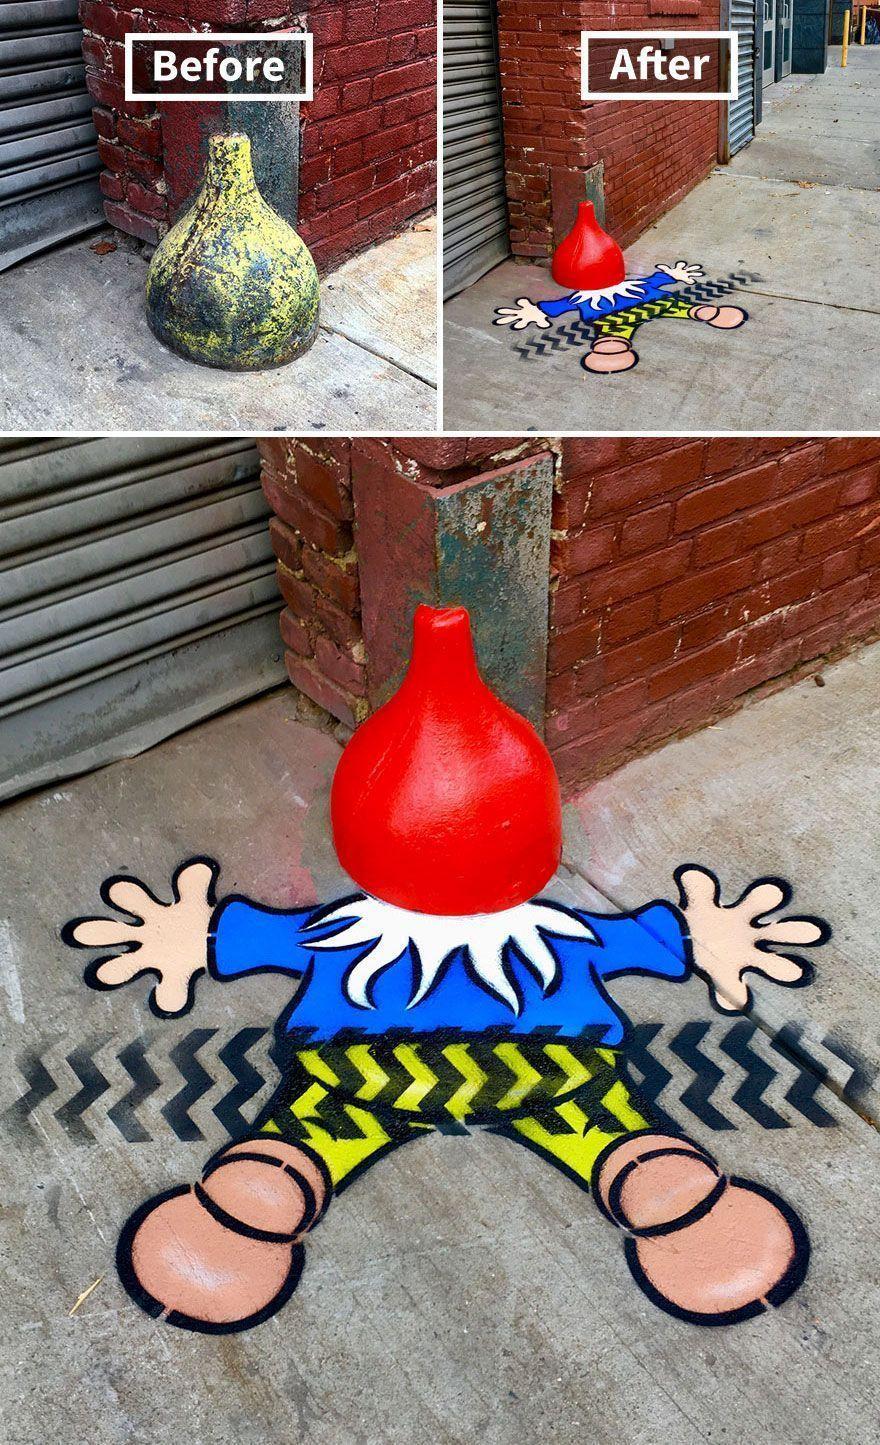 Il y a un artiste de rue génial qui court en liberté dans les rues, espérons que personne ne l'attrape